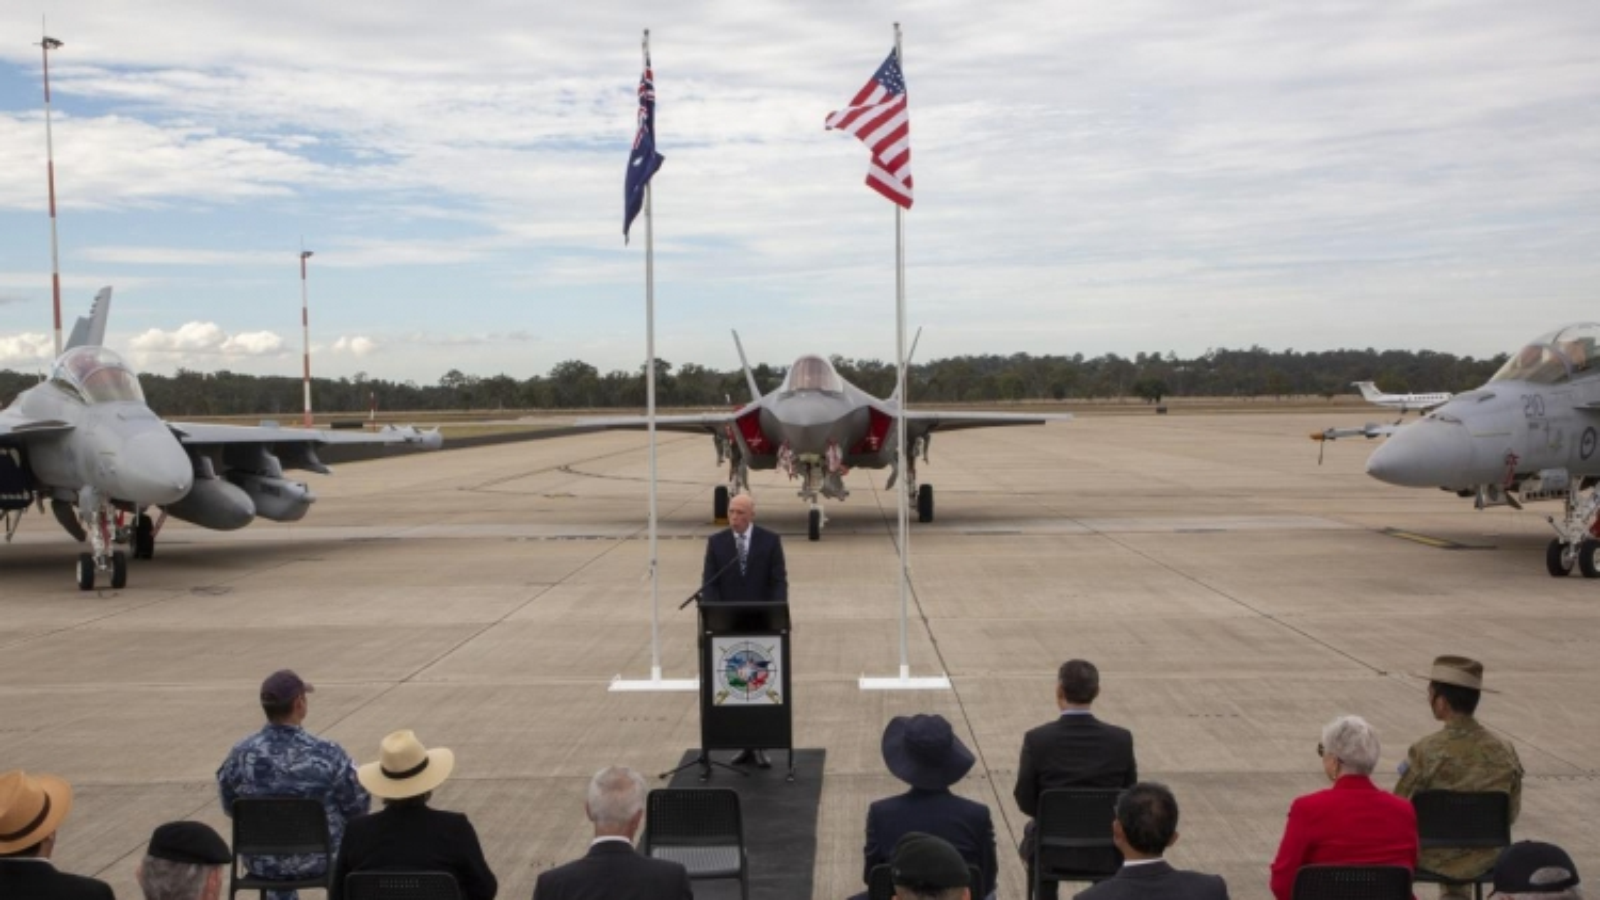 Australia và Mỹ khởi động cuộc tập trận quân sự lớn nhất trong năm